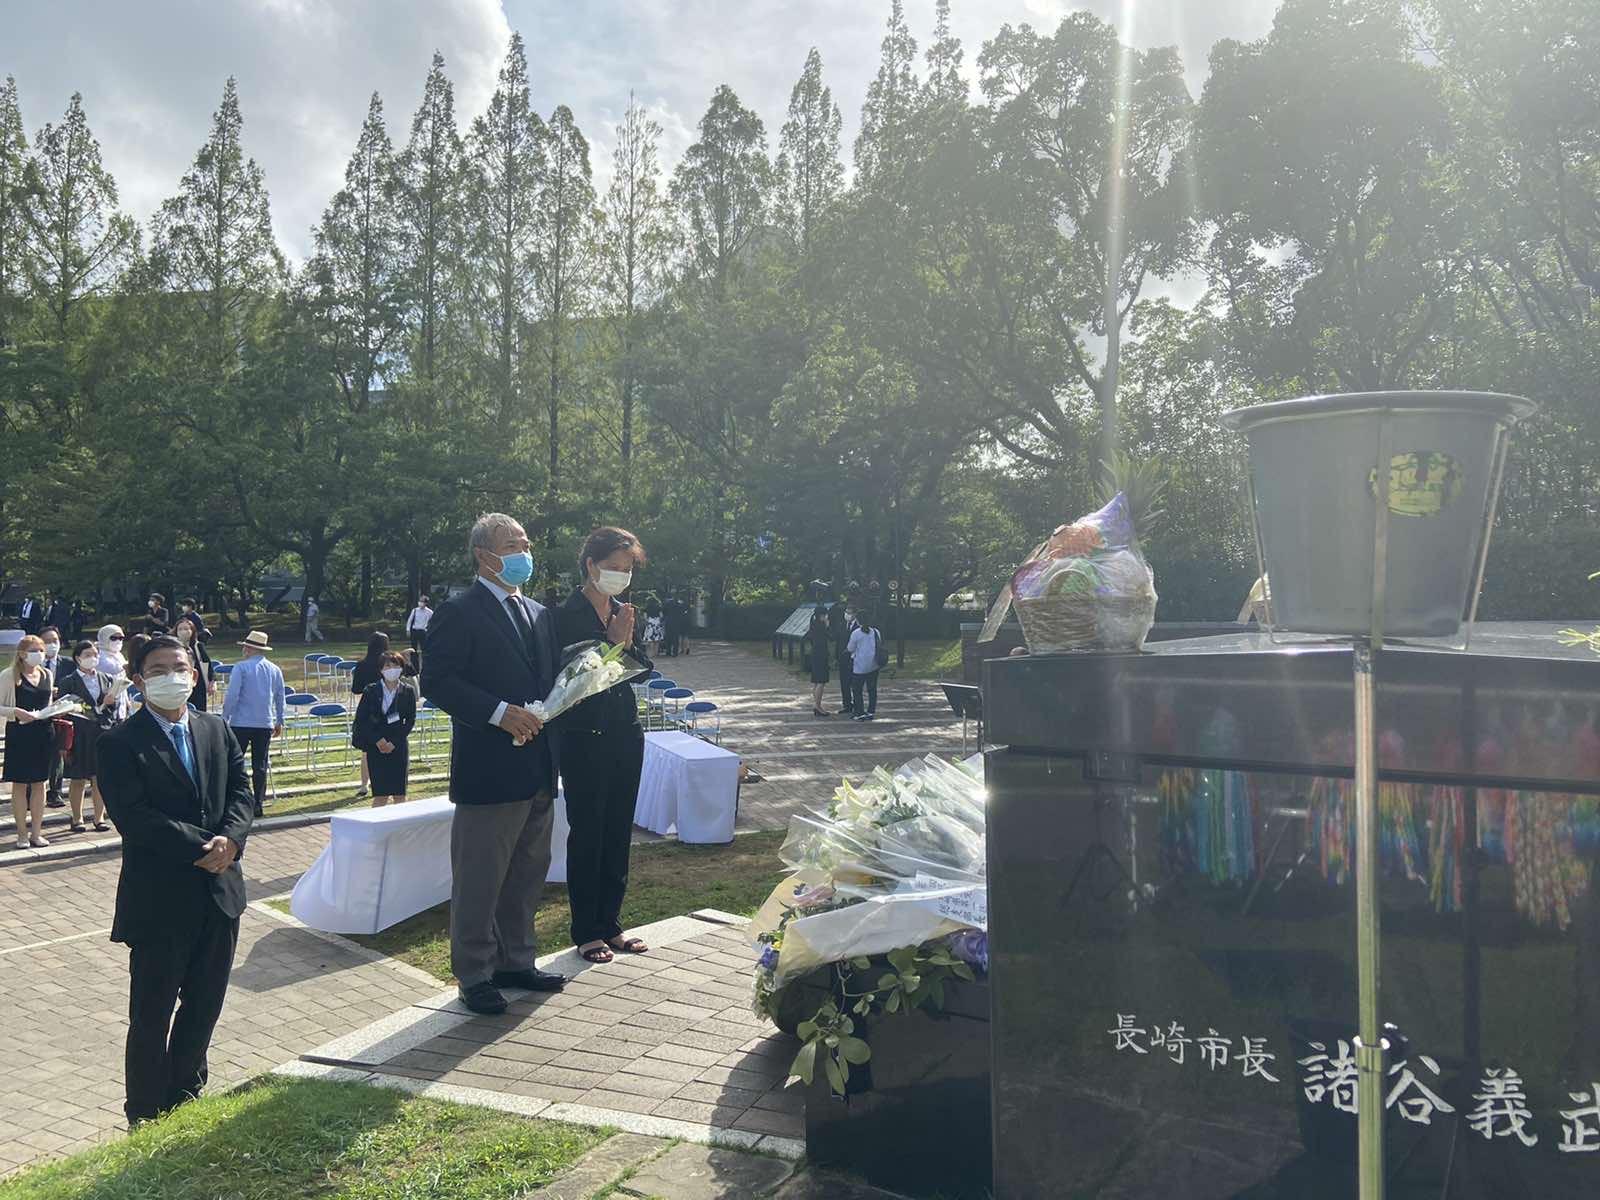 Đại sứ Vũ Hồng Nam và Phu nhân dự Lễ kỷ niệm hòa bình và tưởng niệm nạn nhân bom nguyên tử 75 năm tại Hiroshima và Nagasaki